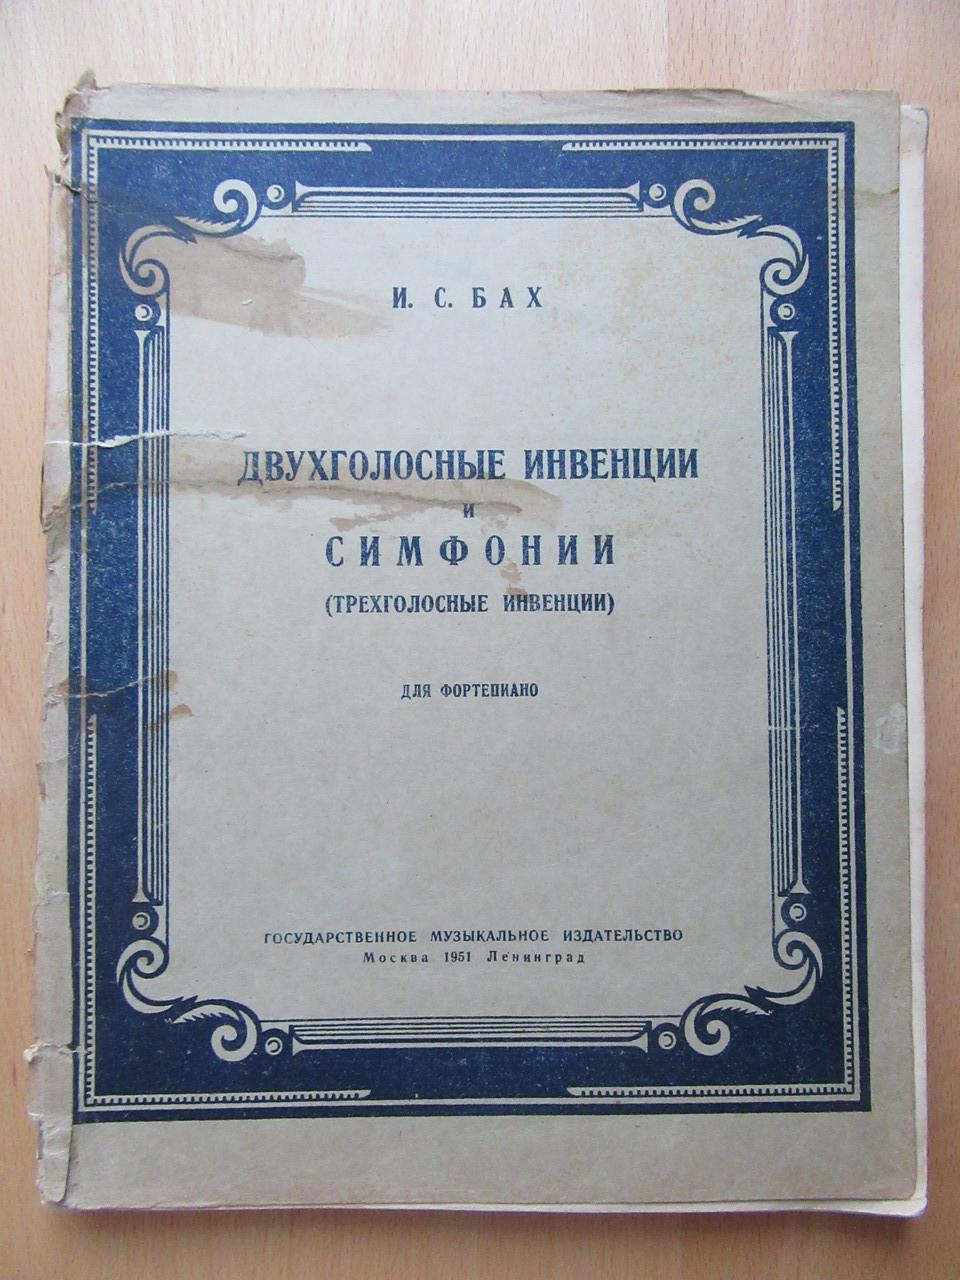 И.С.Бах. Двухголосые инвенции и симфонии (трехголосные инвенции) для фортепиано. 1951г